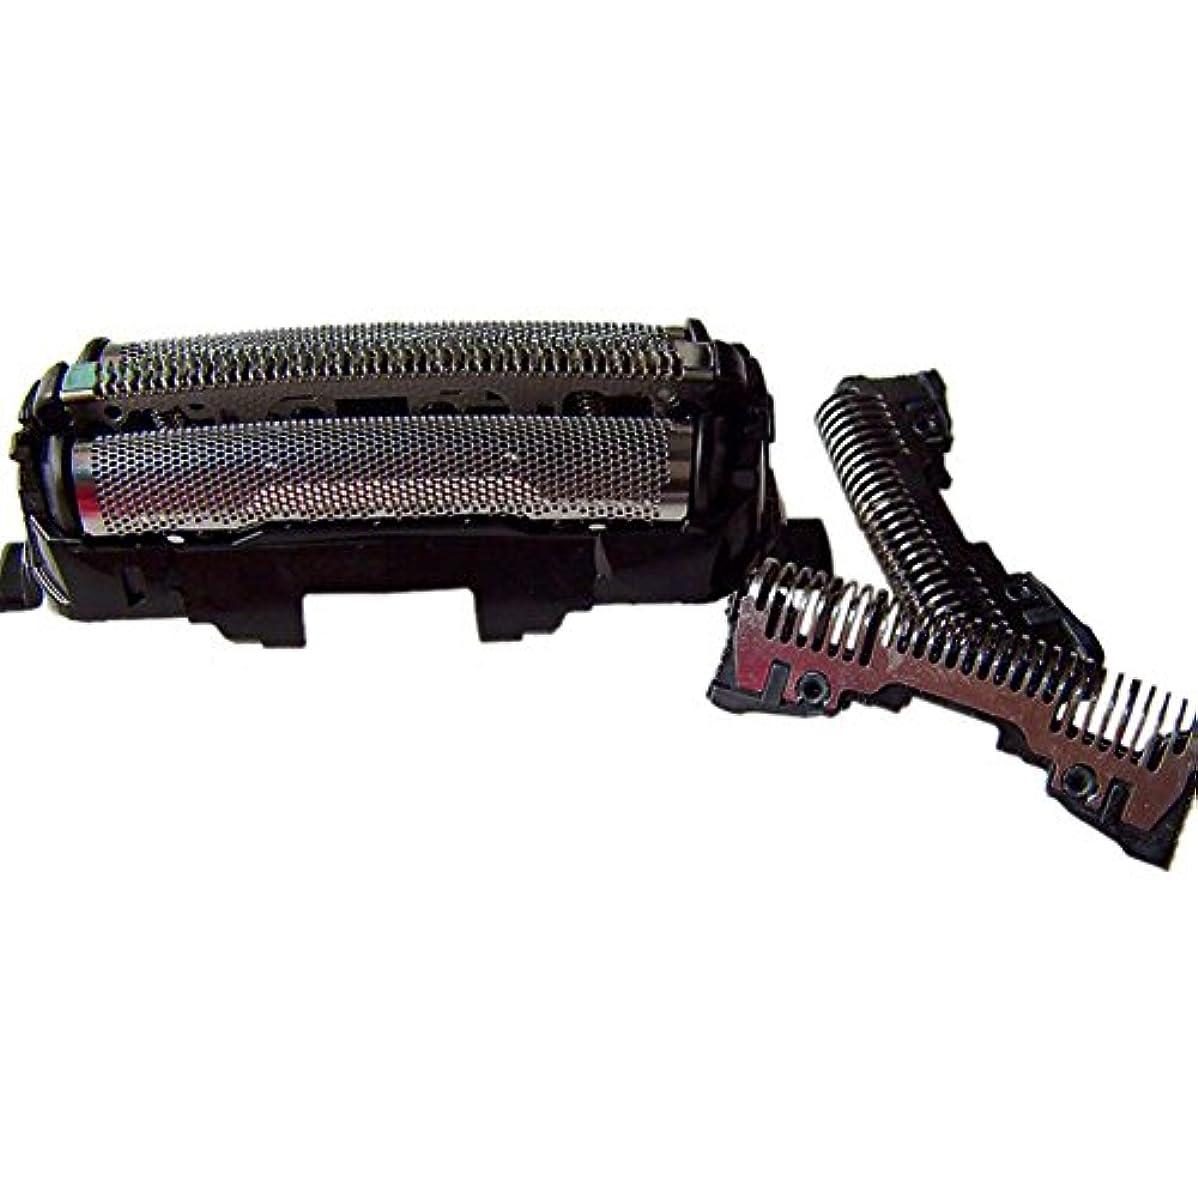 ミトンレーダー同性愛者Xinvision 回転式シェーバー替刃 シェーバーパーツ シェーバー パーツ 部品 外刃 内刃 替刃 耐用 for Panasonic ES9087 ES8113 ES8116 ES-LT22/LT31